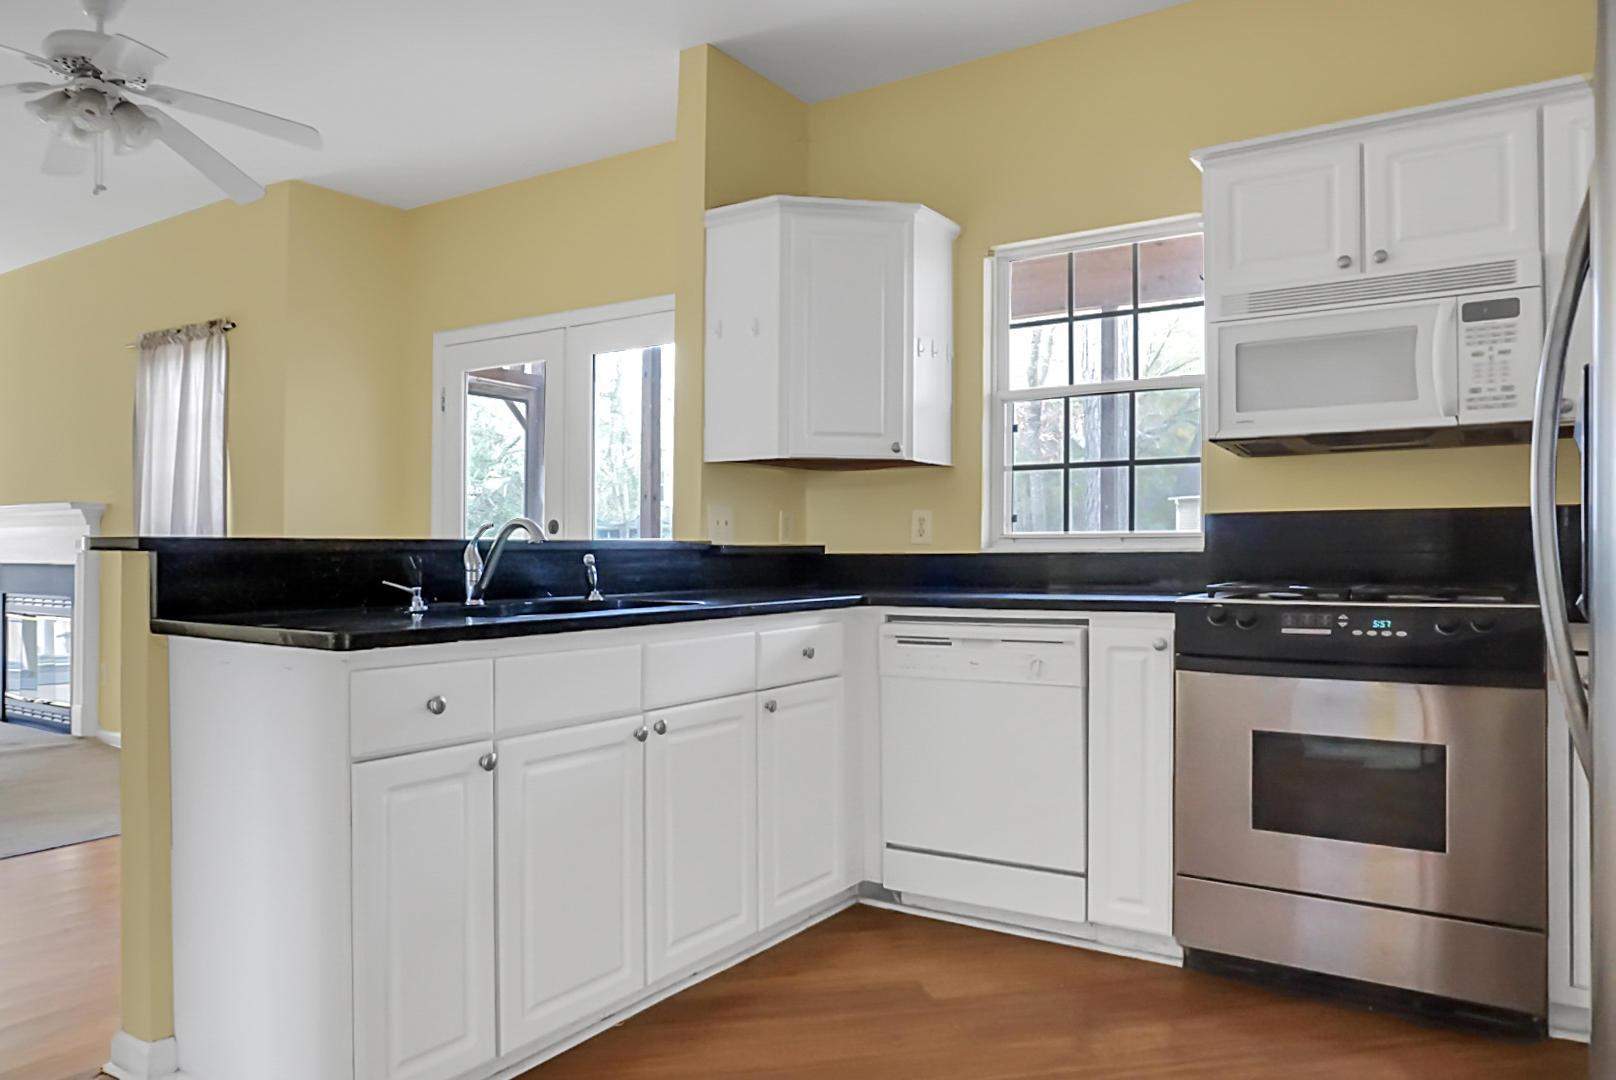 Dunes West Homes For Sale - 3209 Carmel Bay, Mount Pleasant, SC - 25